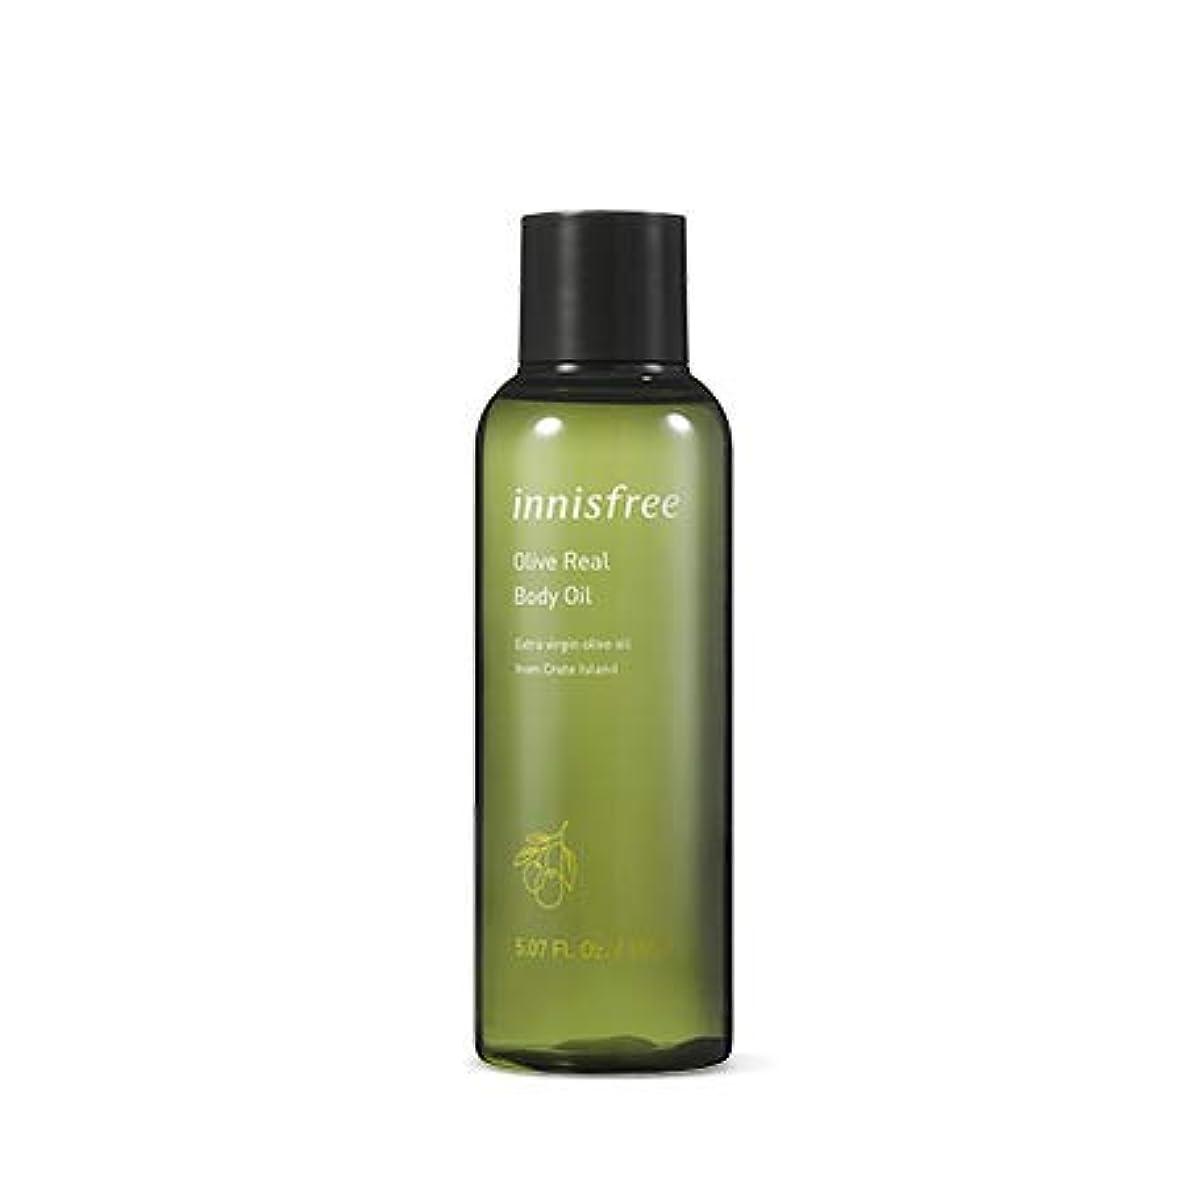 ロータリーれる同志[イニスフリー.innisfree]オリーブリアルボディーオイル150mL/ Olive Real Body Oil_オリーブが含有された保湿栄養ボディオイル